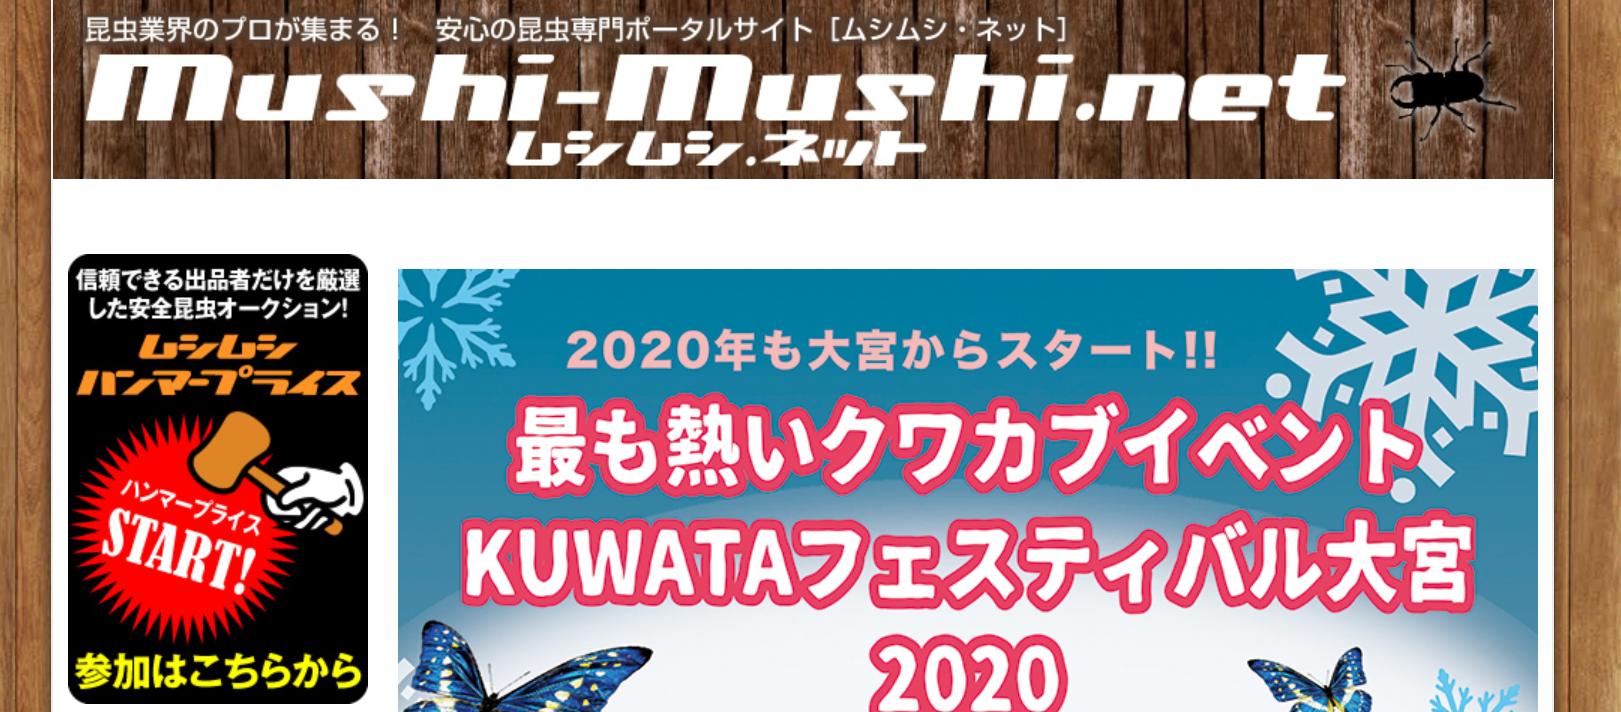 KUWATAフェスティバルサイト画像